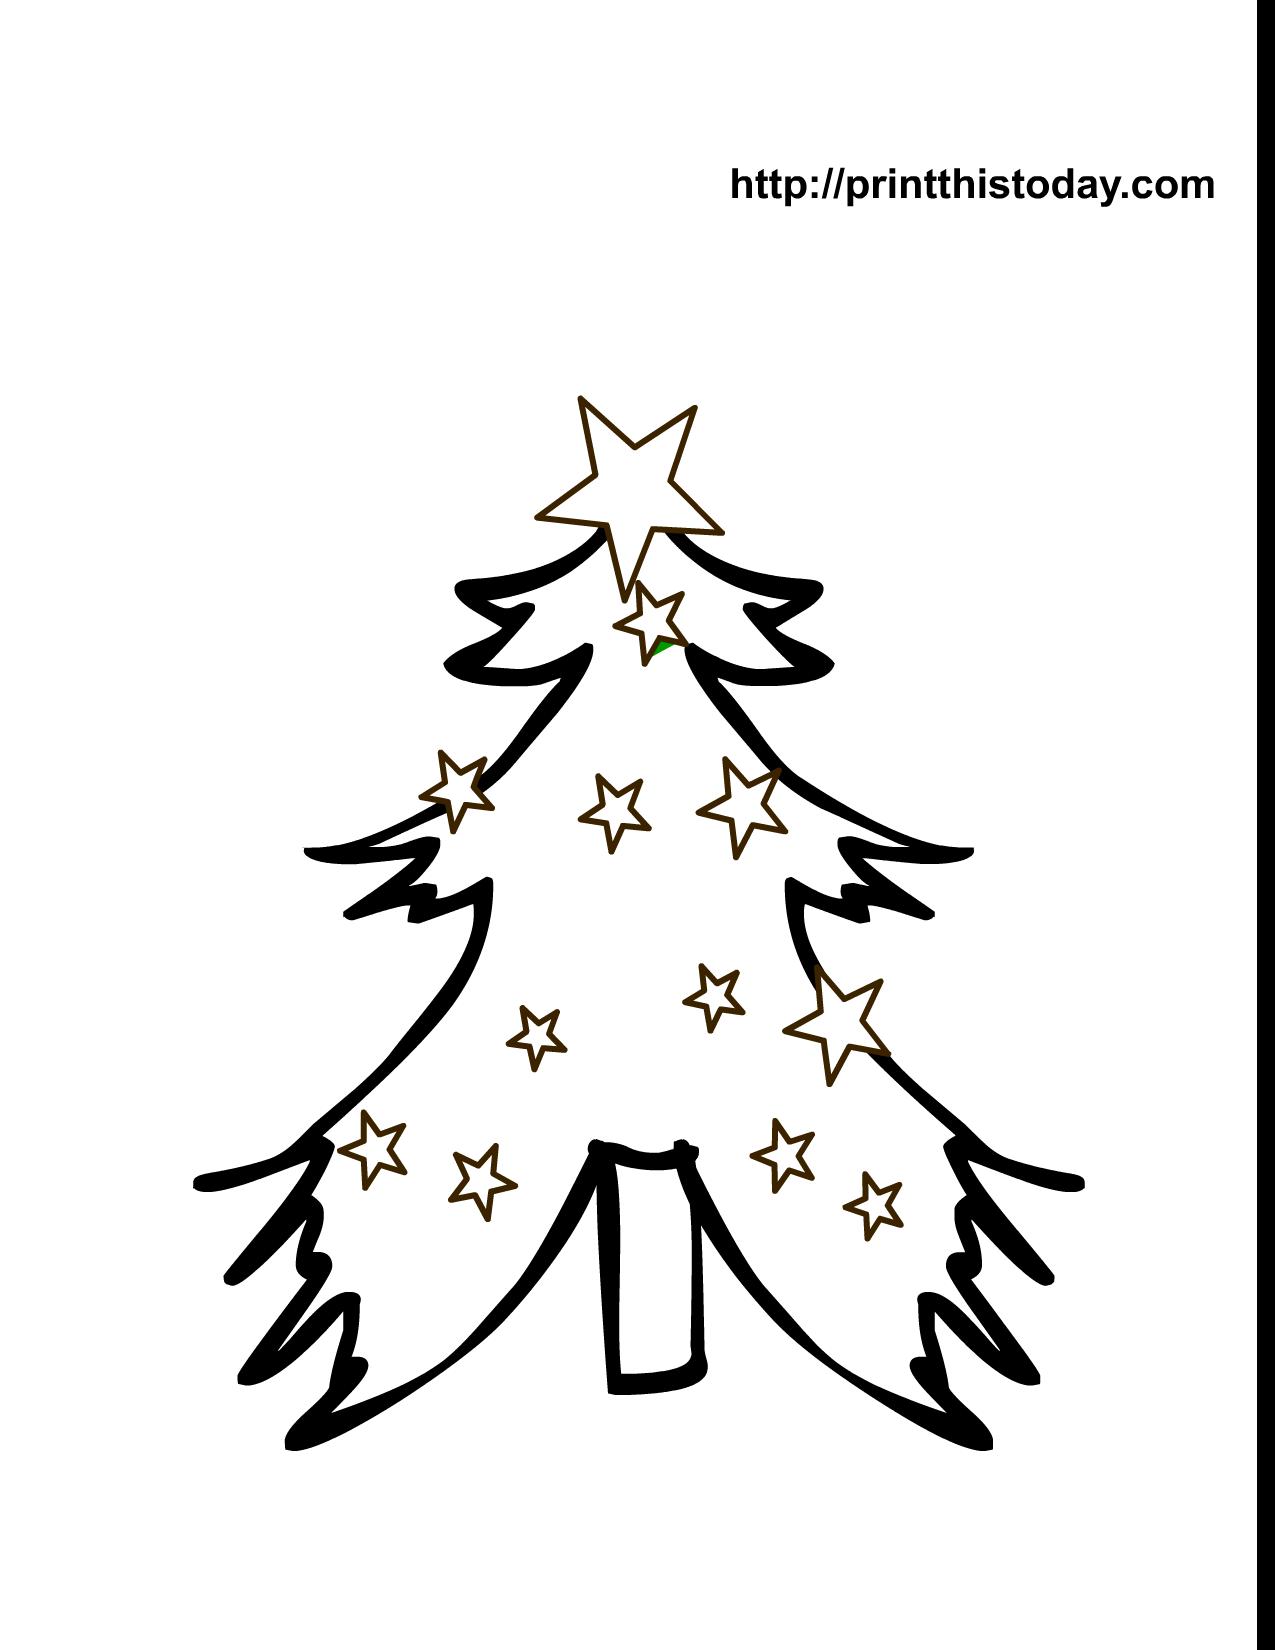 Christmas tree coloring pages | Free Christmas Printables, Christmas ...